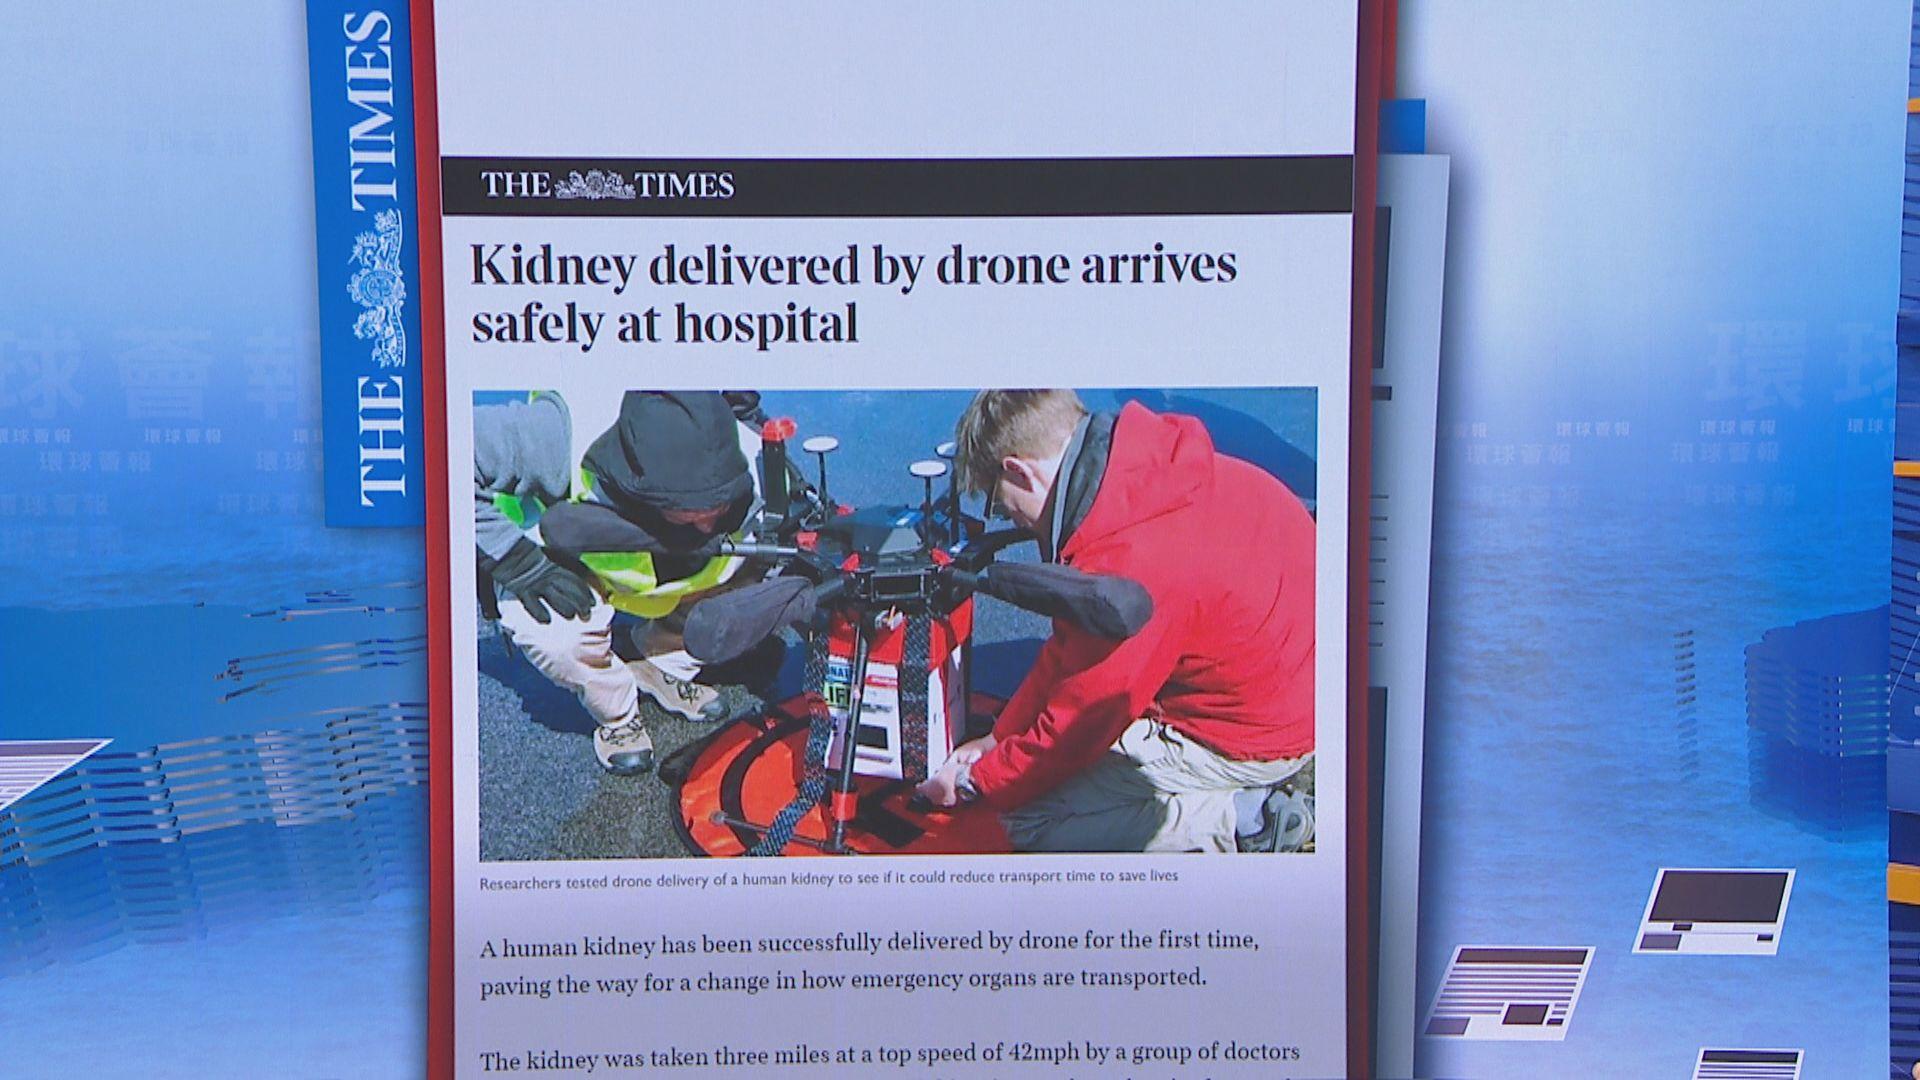 【環球薈報】美國醫生首次成功用無人機運器官